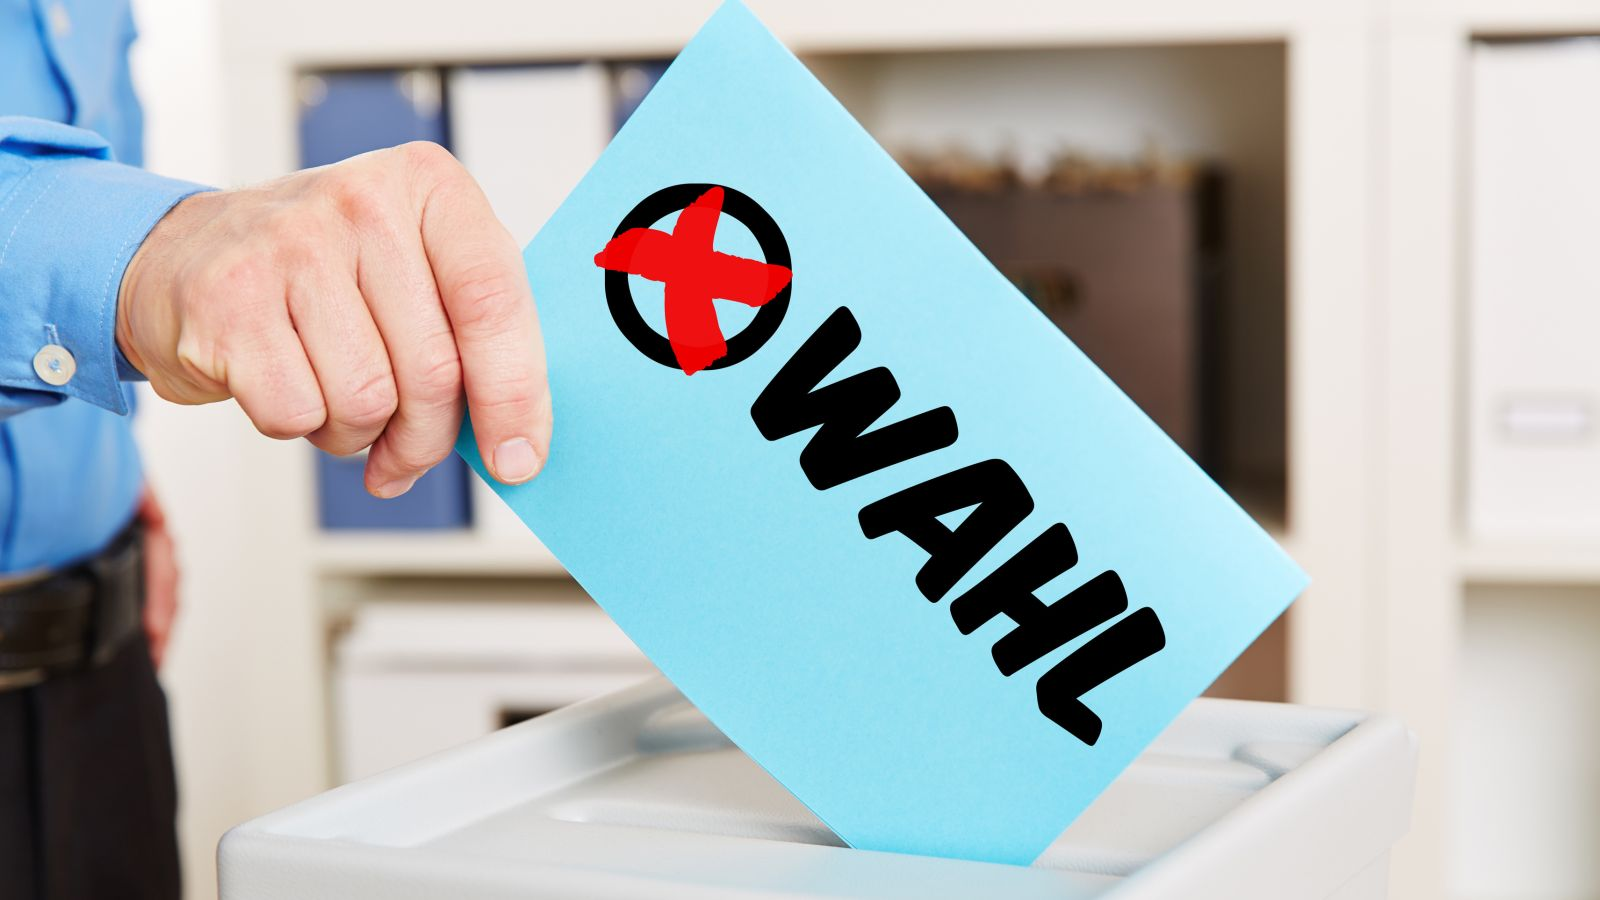 Stimmzettel zur Wahl mit Wahlurne © Robert Kneschke / fotolia.de